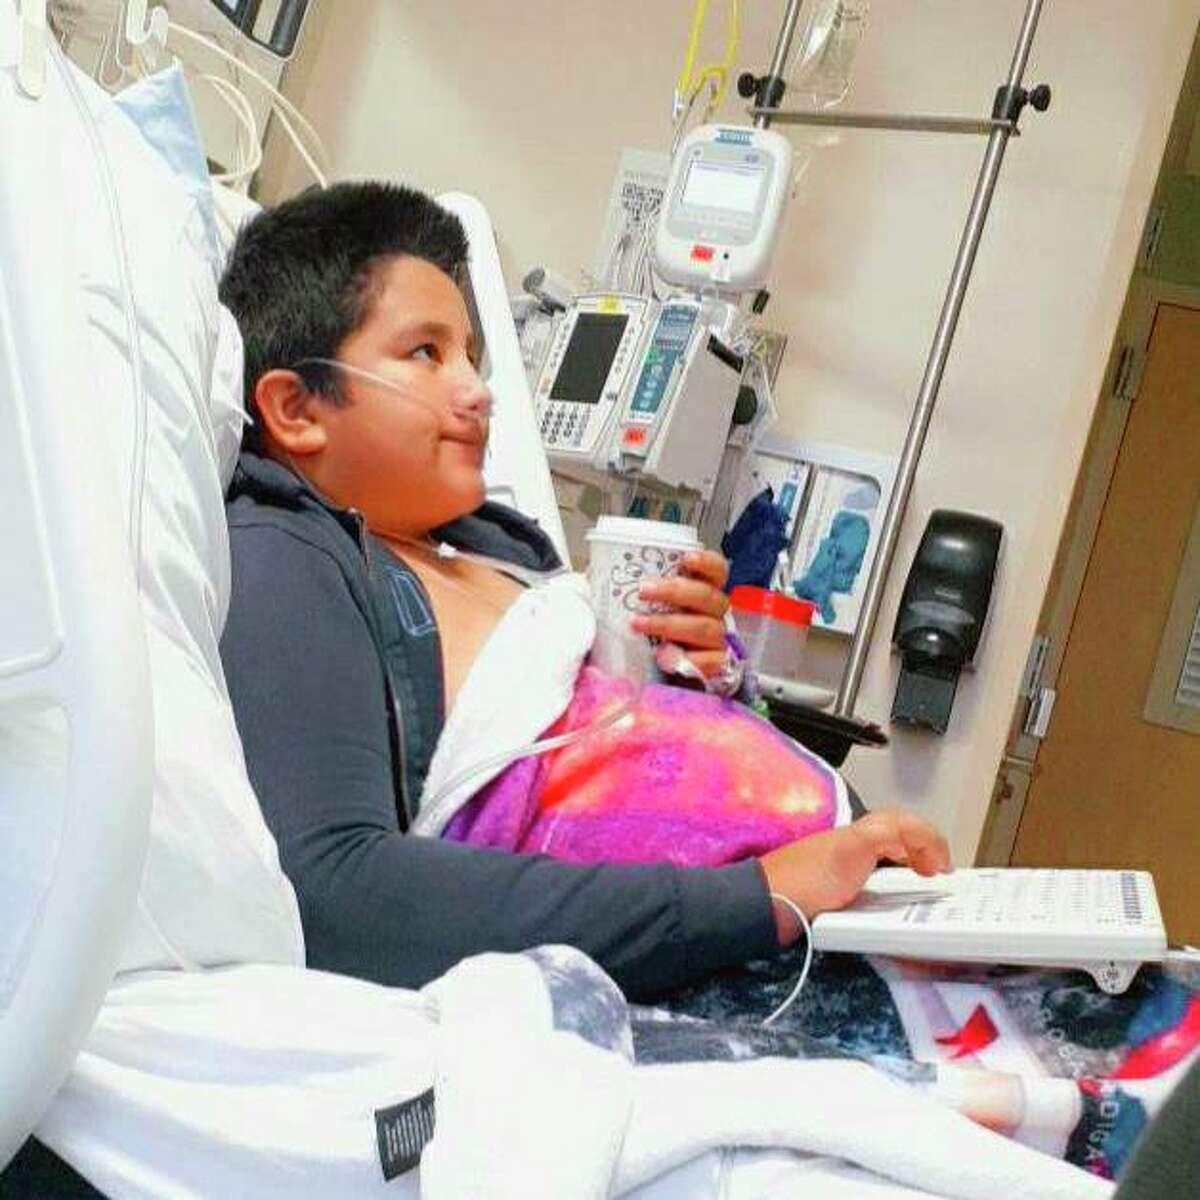 Fotografía de 2021 facilitada por Yessica González en la que aparece su hijo, Francisco Rosales, de 9 años, en el Centro Médico Infantil de Dallas, Texas. Francisco fue ingresado con COVID-19. Se suponía que un día antes debía comenzar sus clases de cuarto grado de primaria.